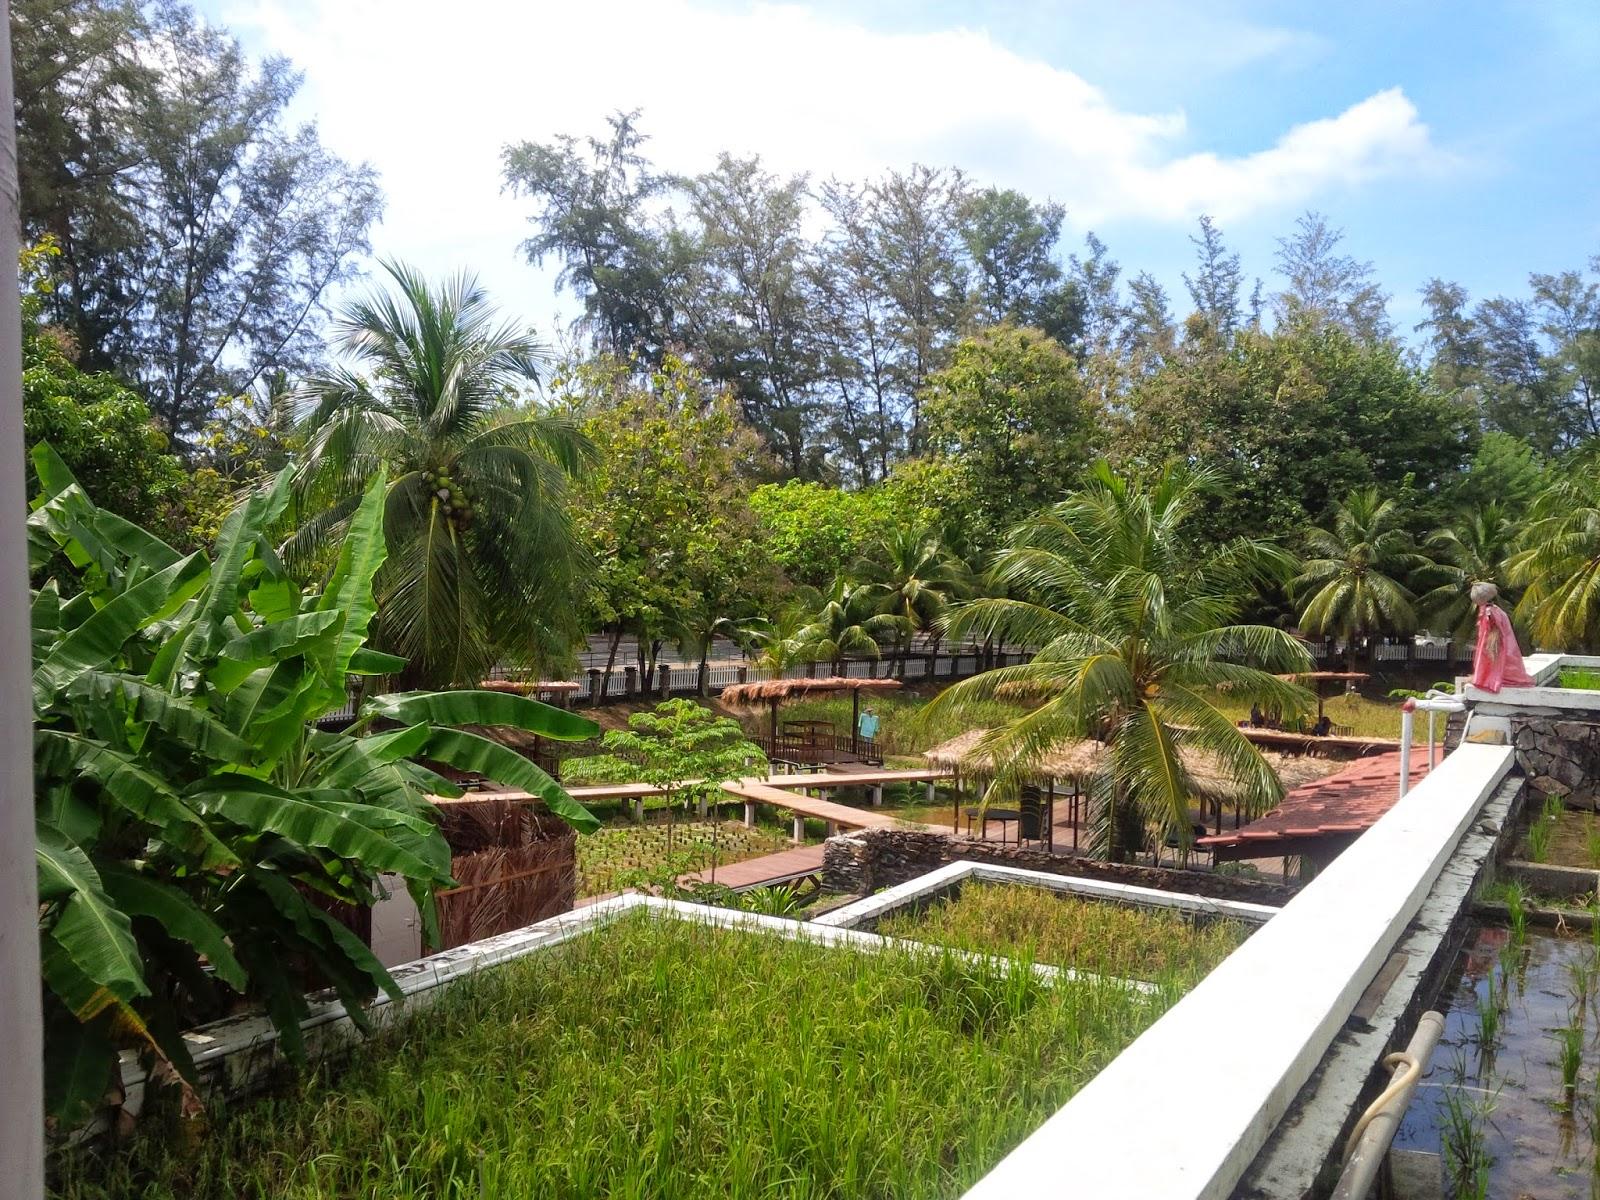 All about Malaysia : Laman Padi Langkawi - Rice Garden Museum Langkawi